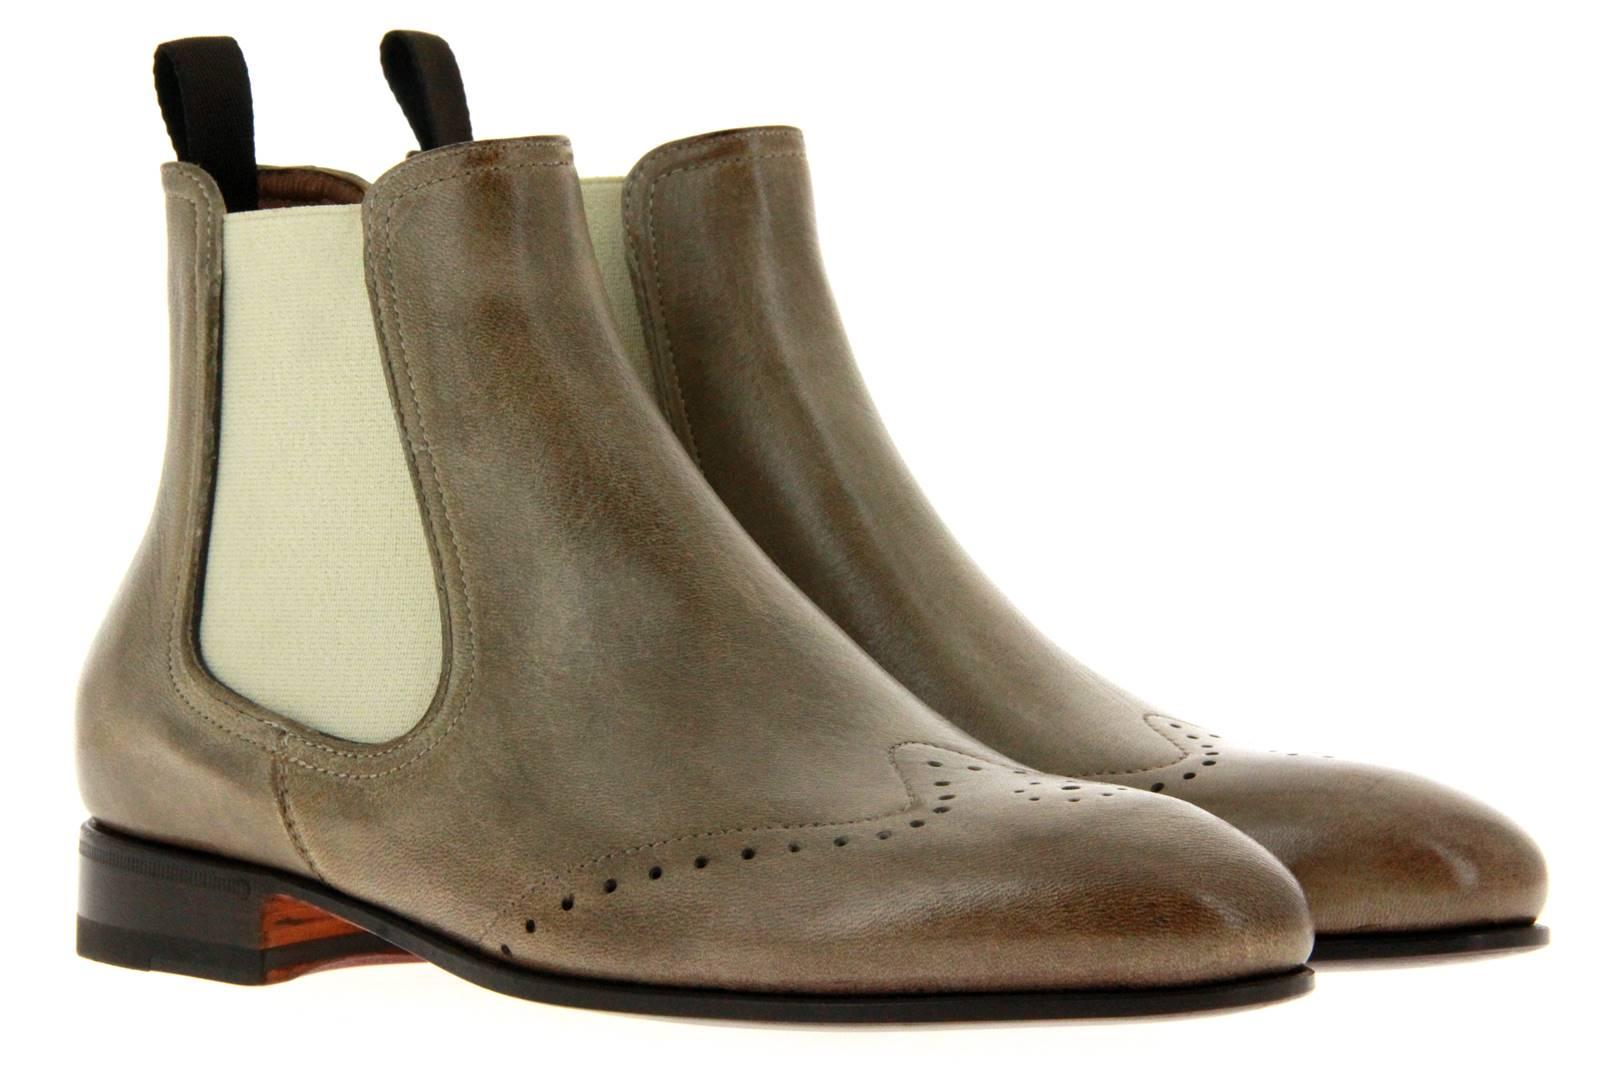 Benson's Chelsea boot CREVO TORTORA